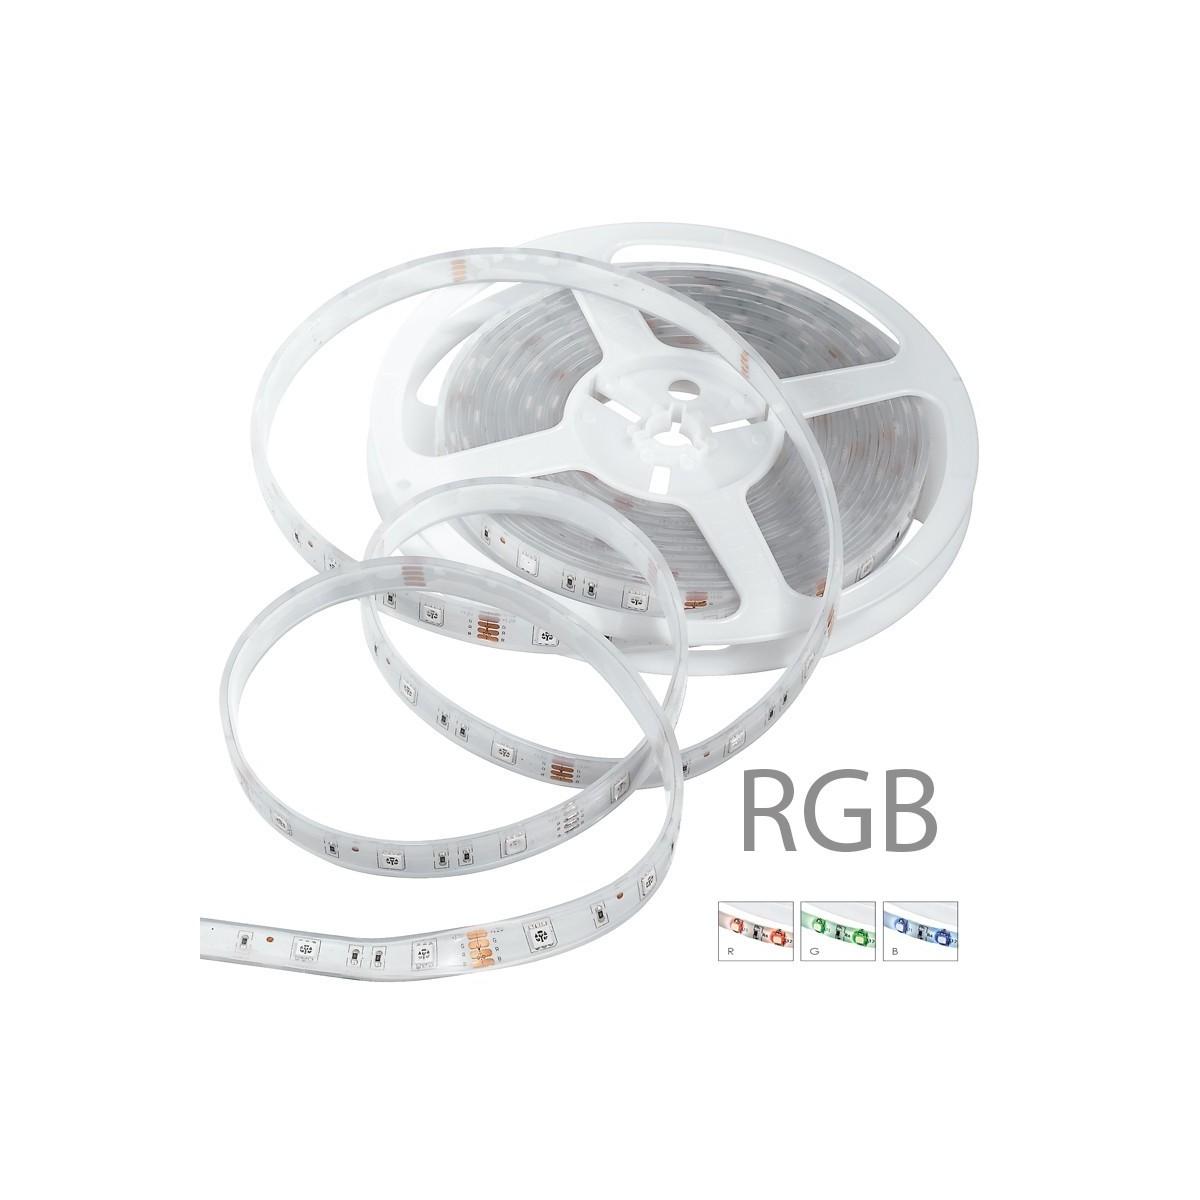 STRIPLED5050IP67-RGB - Strisica led RGB con rotolo di 5 m 72 watt